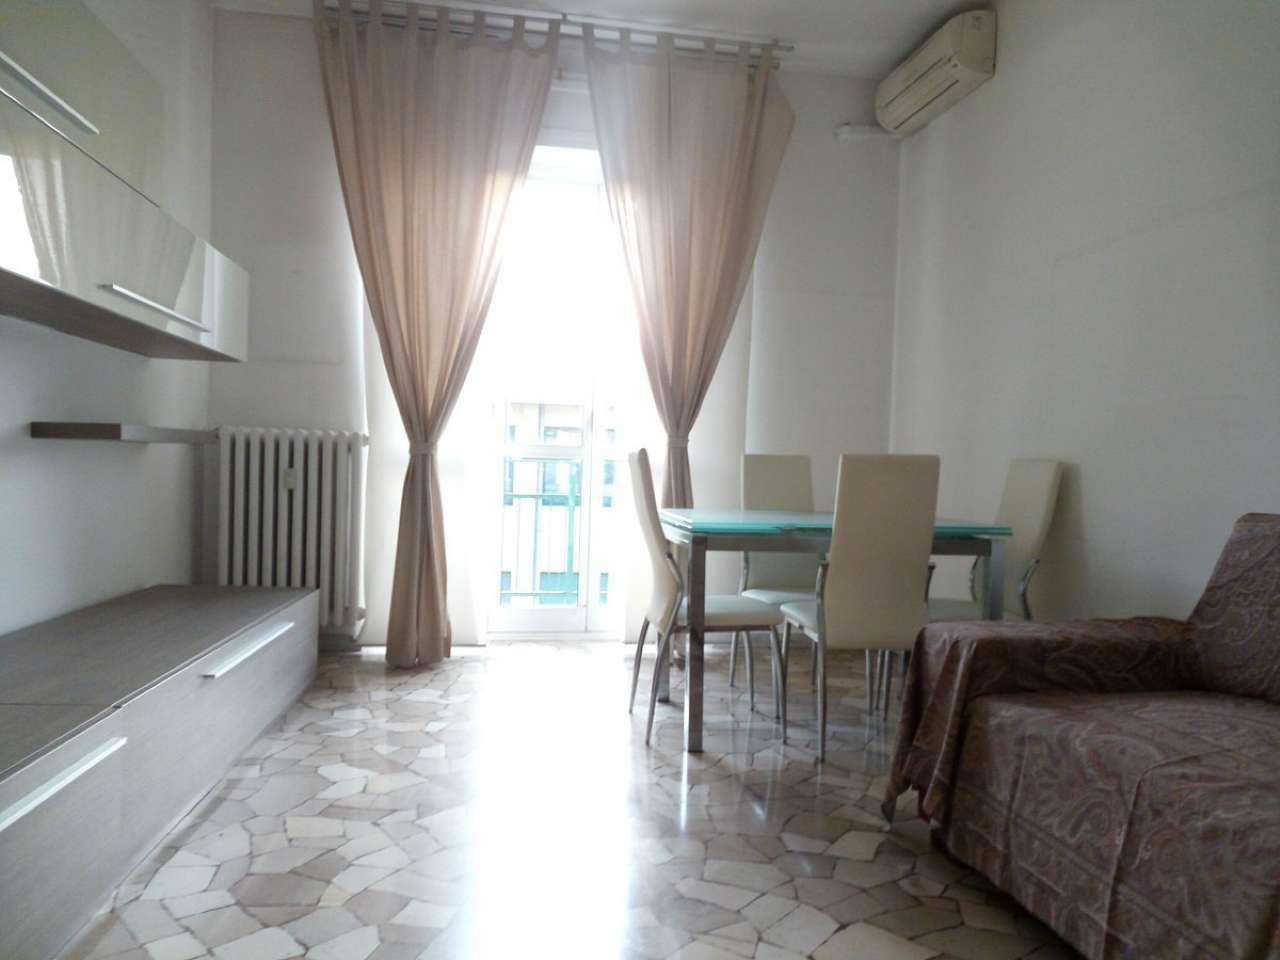 Vendita case e appartamenti a bresso for Appartamenti bresso